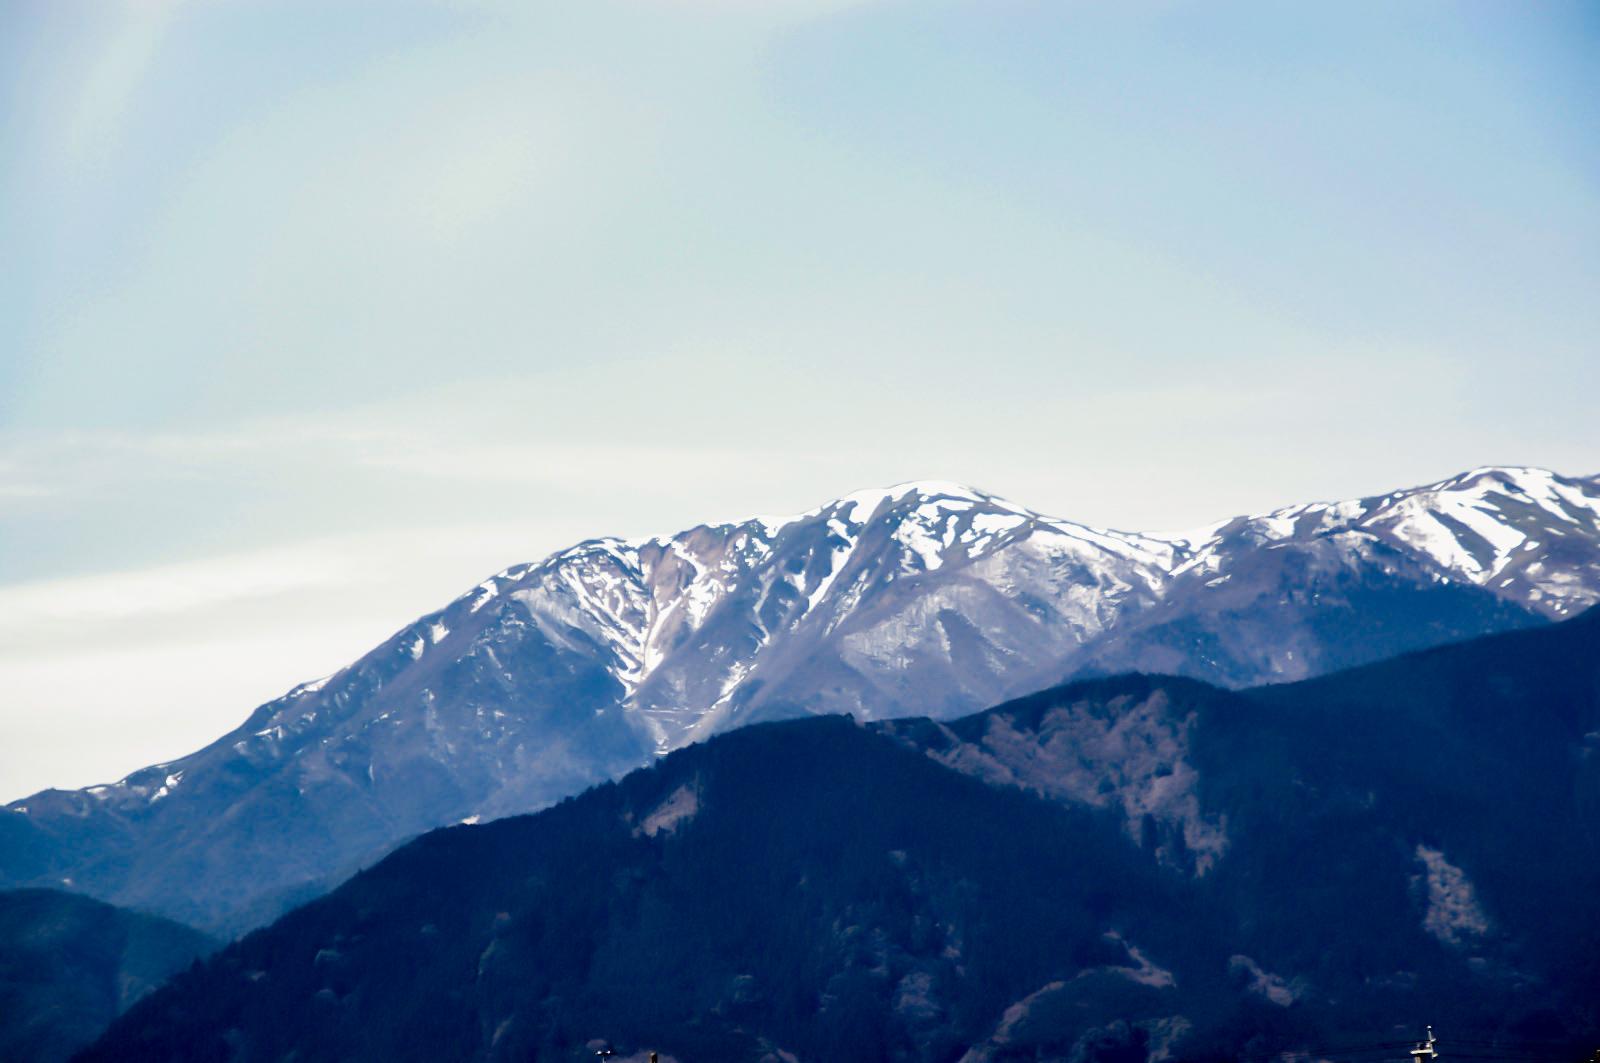 雪のかかった山